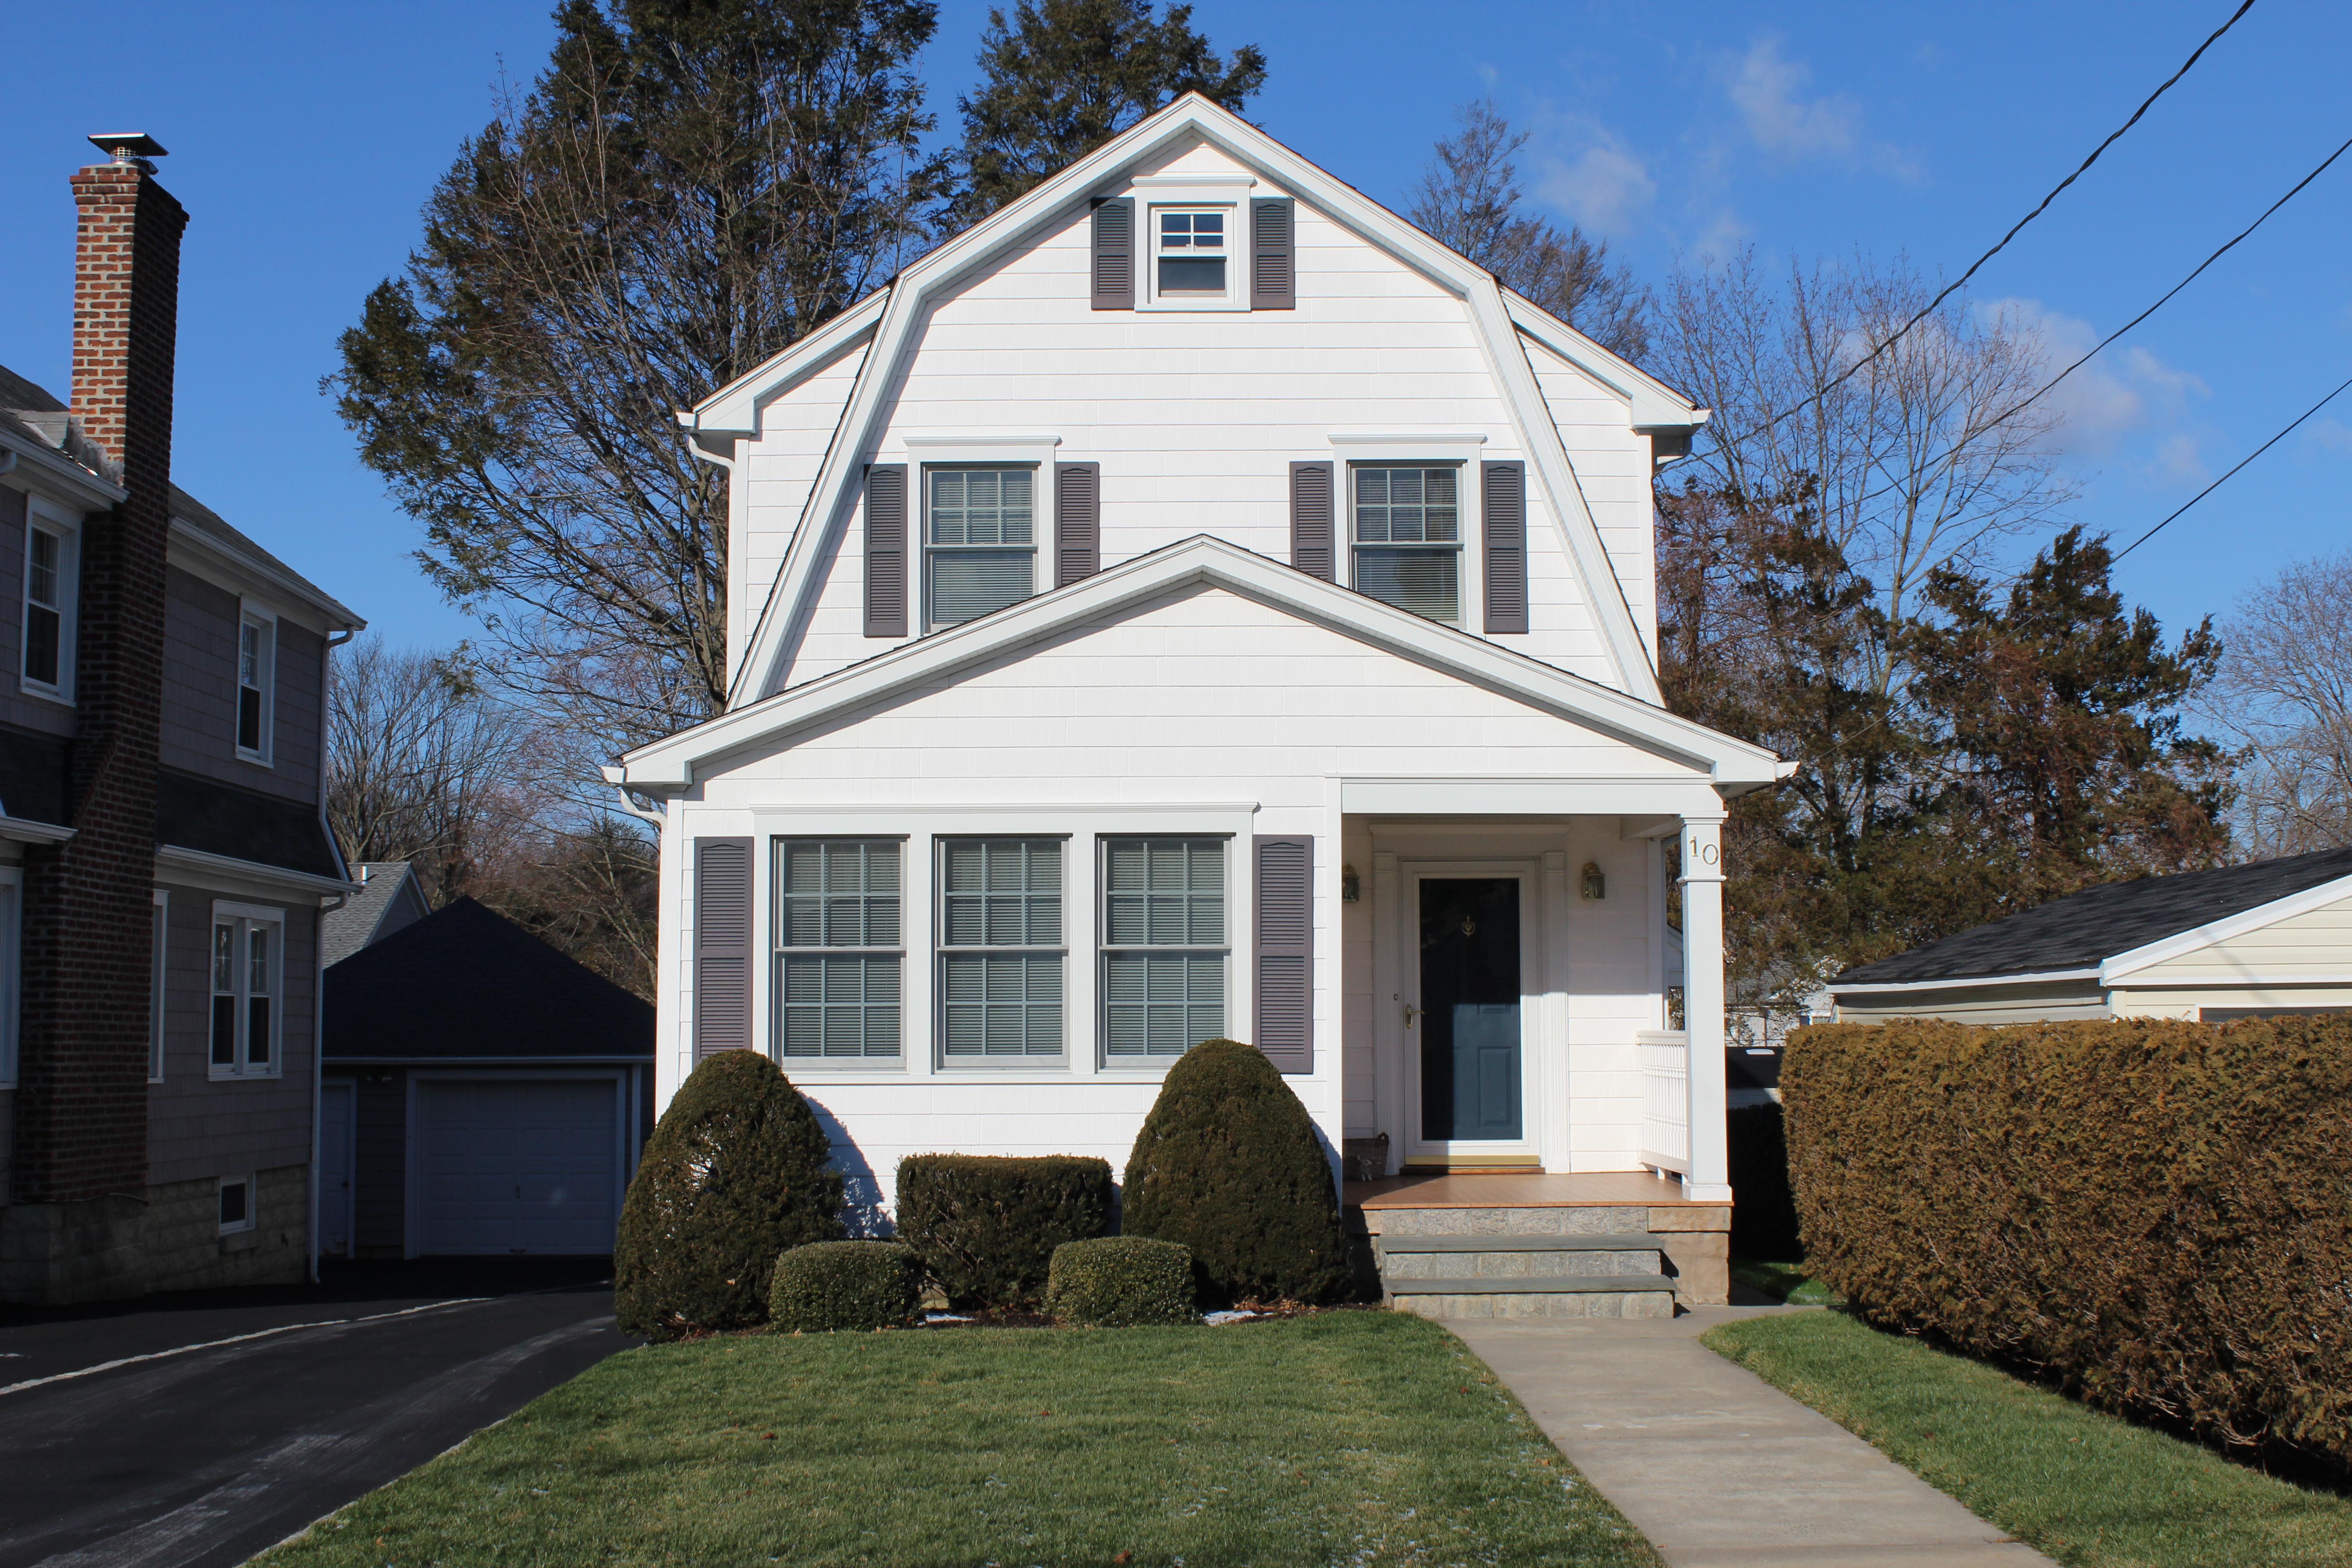 一戸建て のために 売買 アット 10 Eleanor Street Rye, ニューヨーク, 10580 アメリカ合衆国